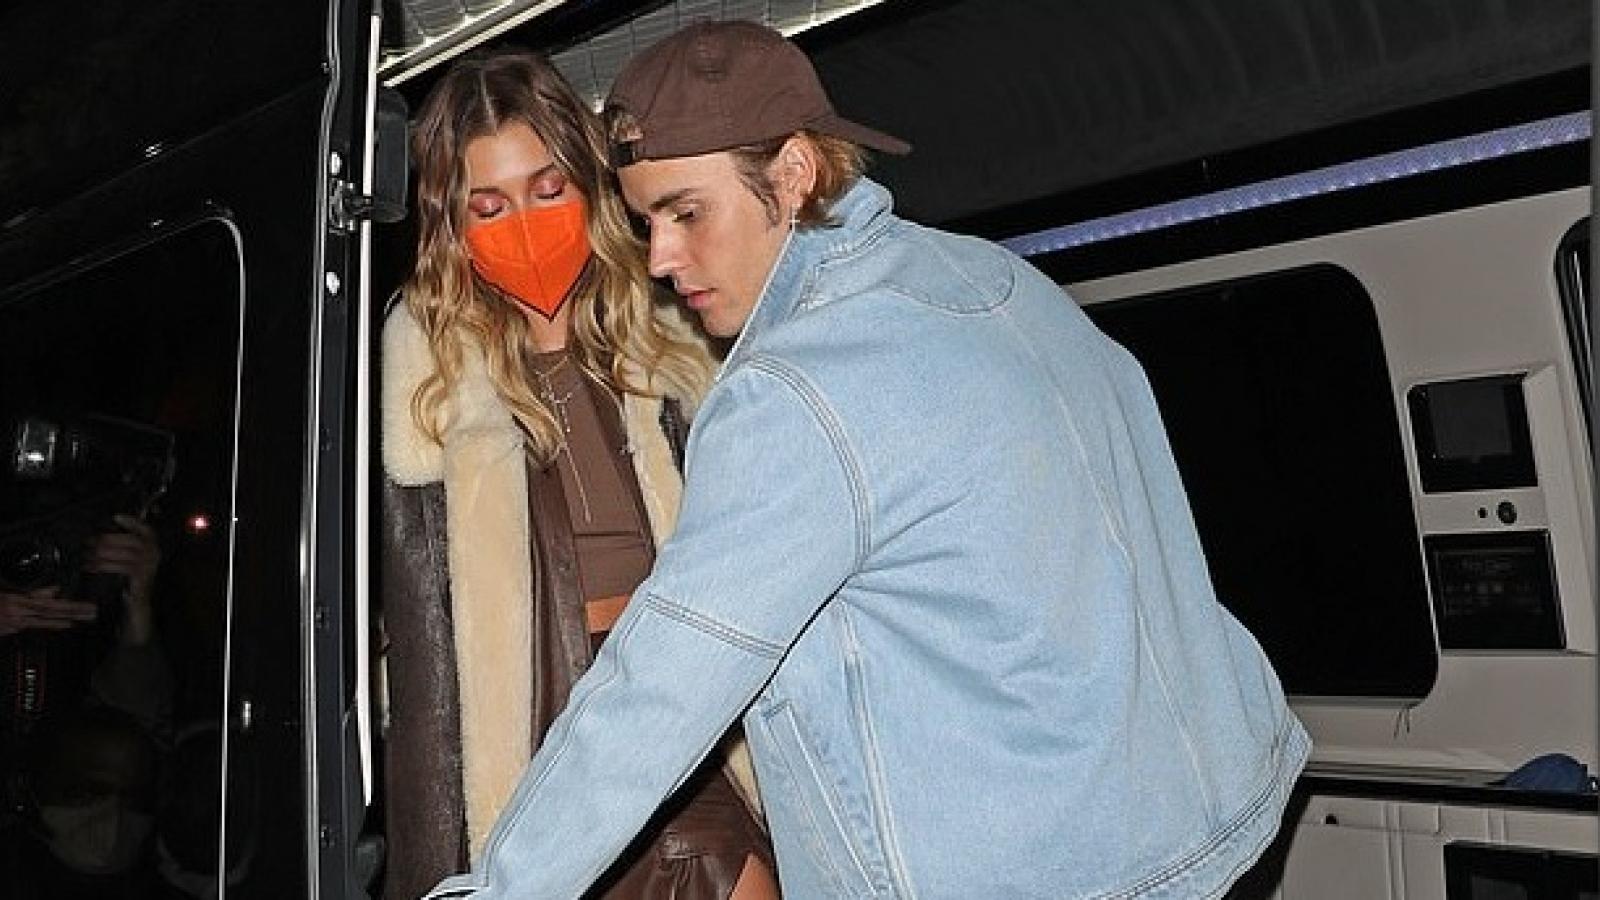 Justin Bieber chăm sóc vợ chu đáo tại tiệc mừng album mới